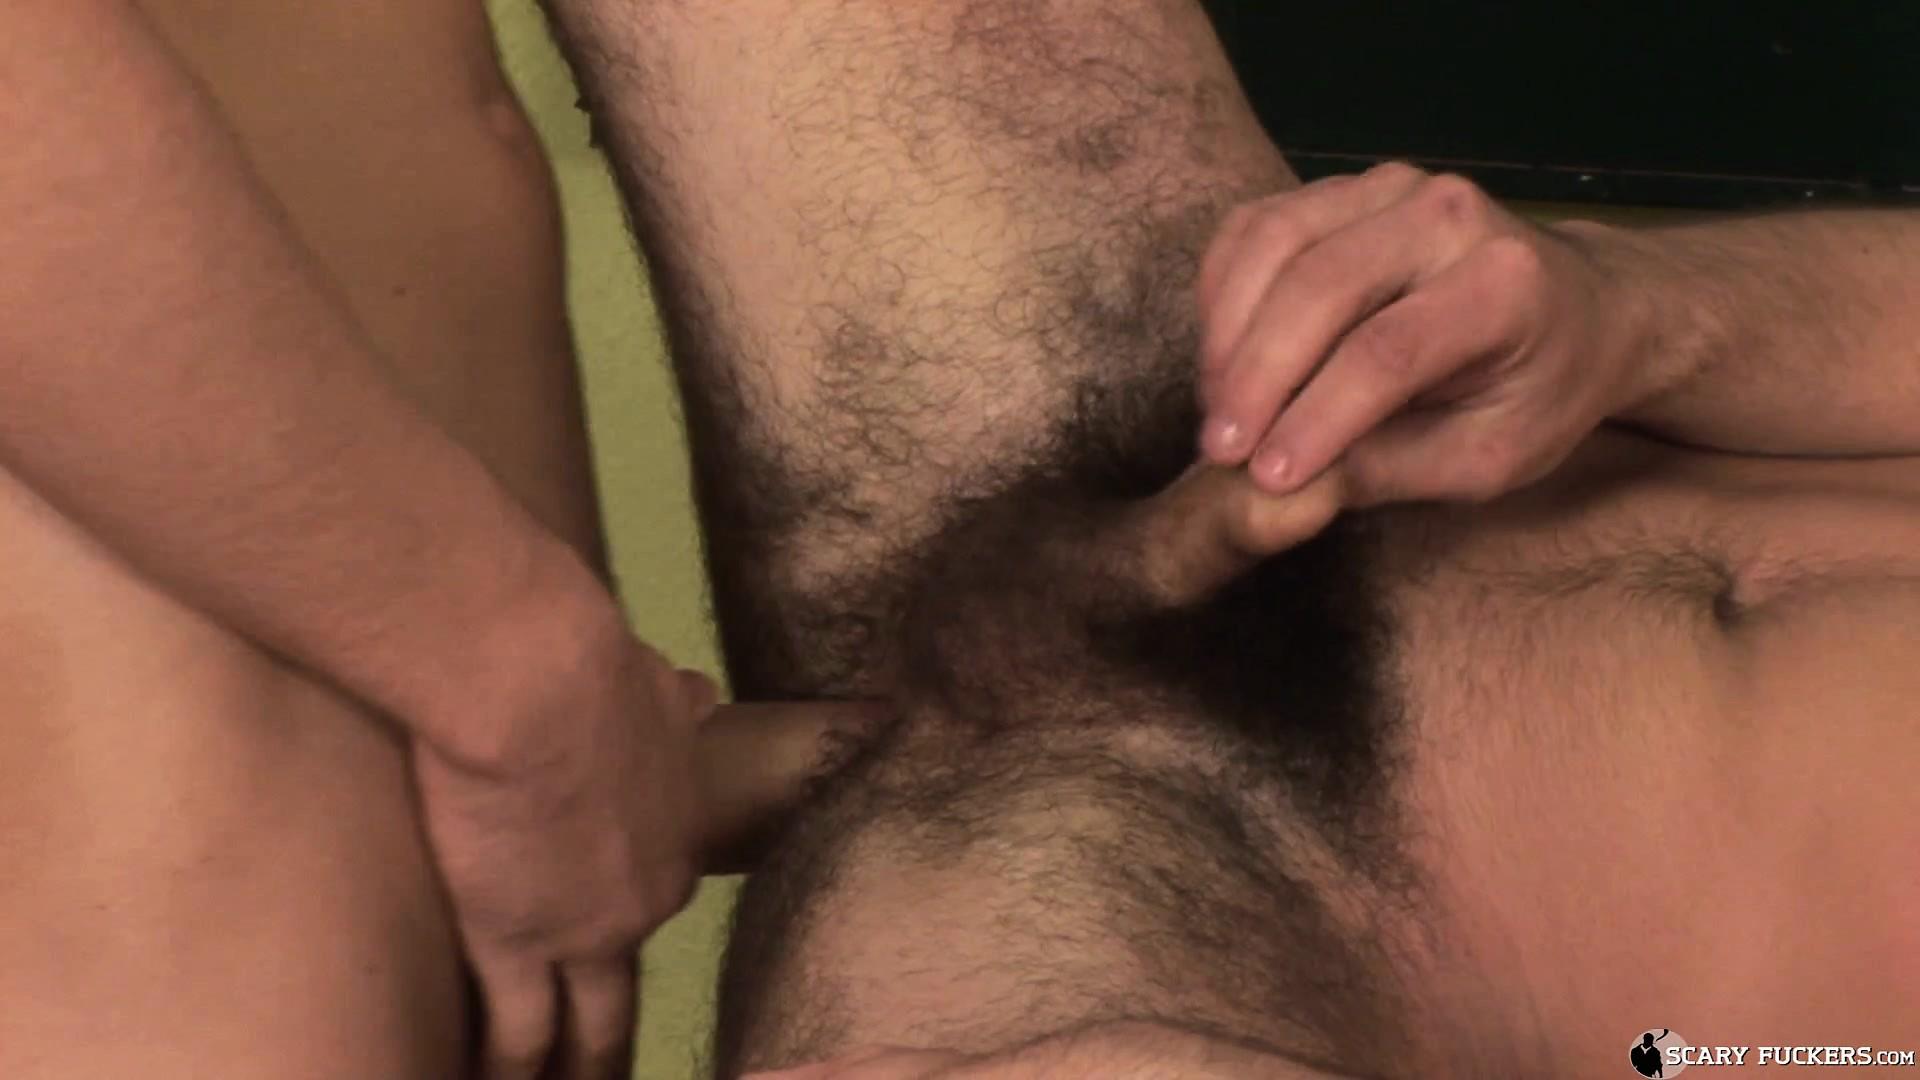 Маленький половой член - имптомы и лечение. Журнал Медикал